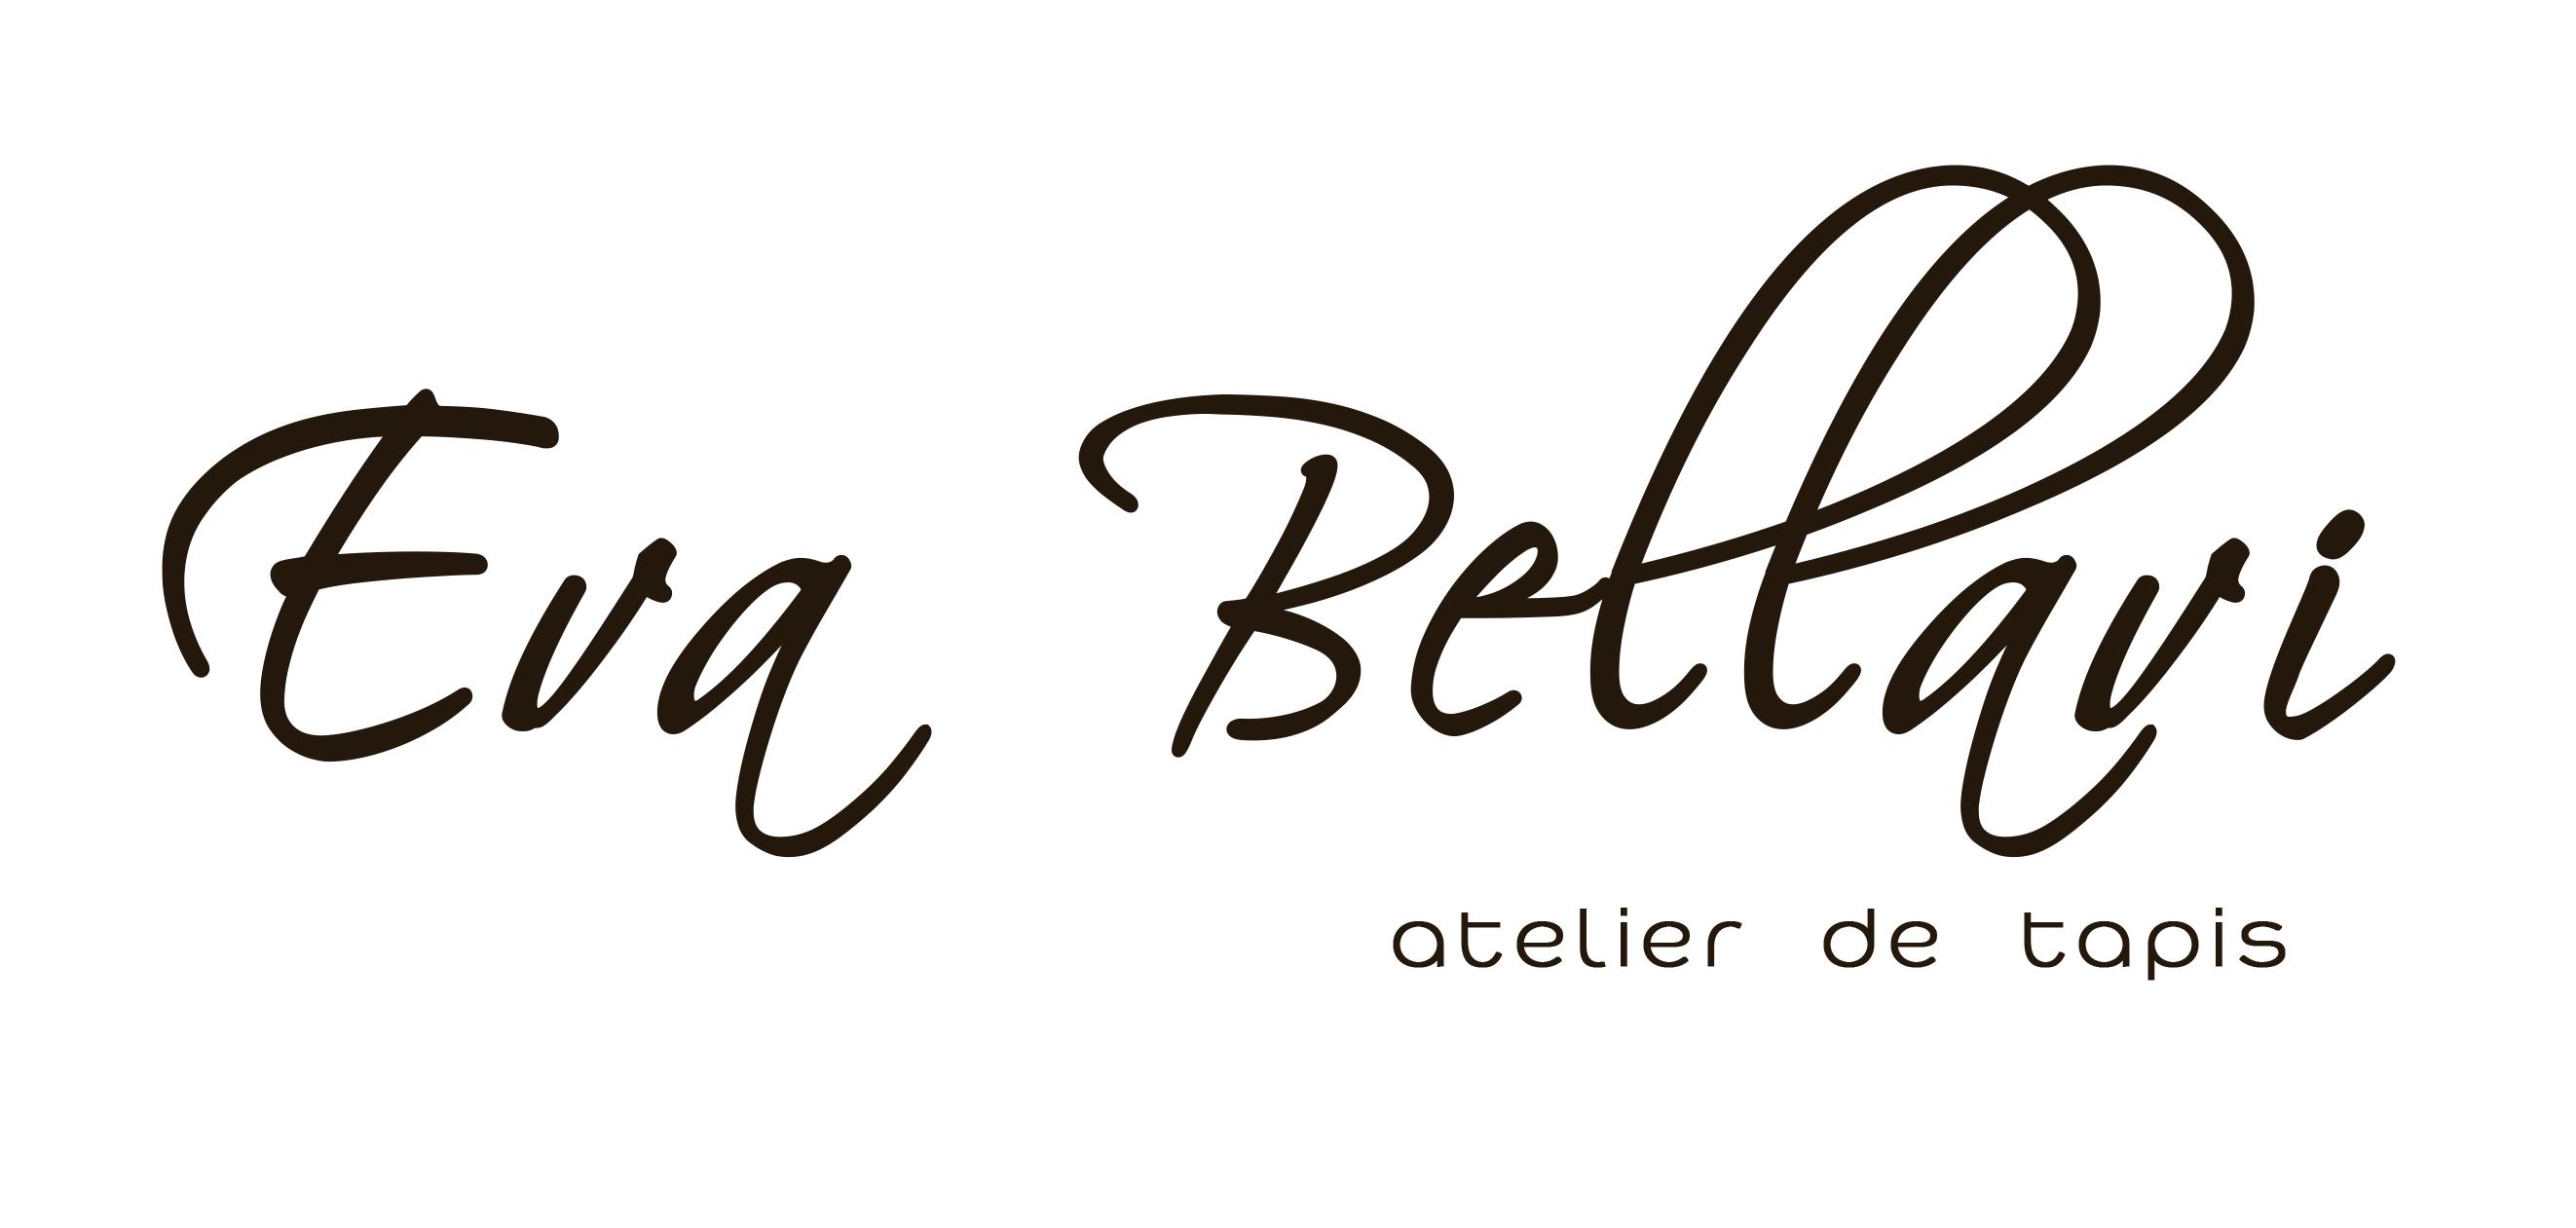 Eva Bellavi